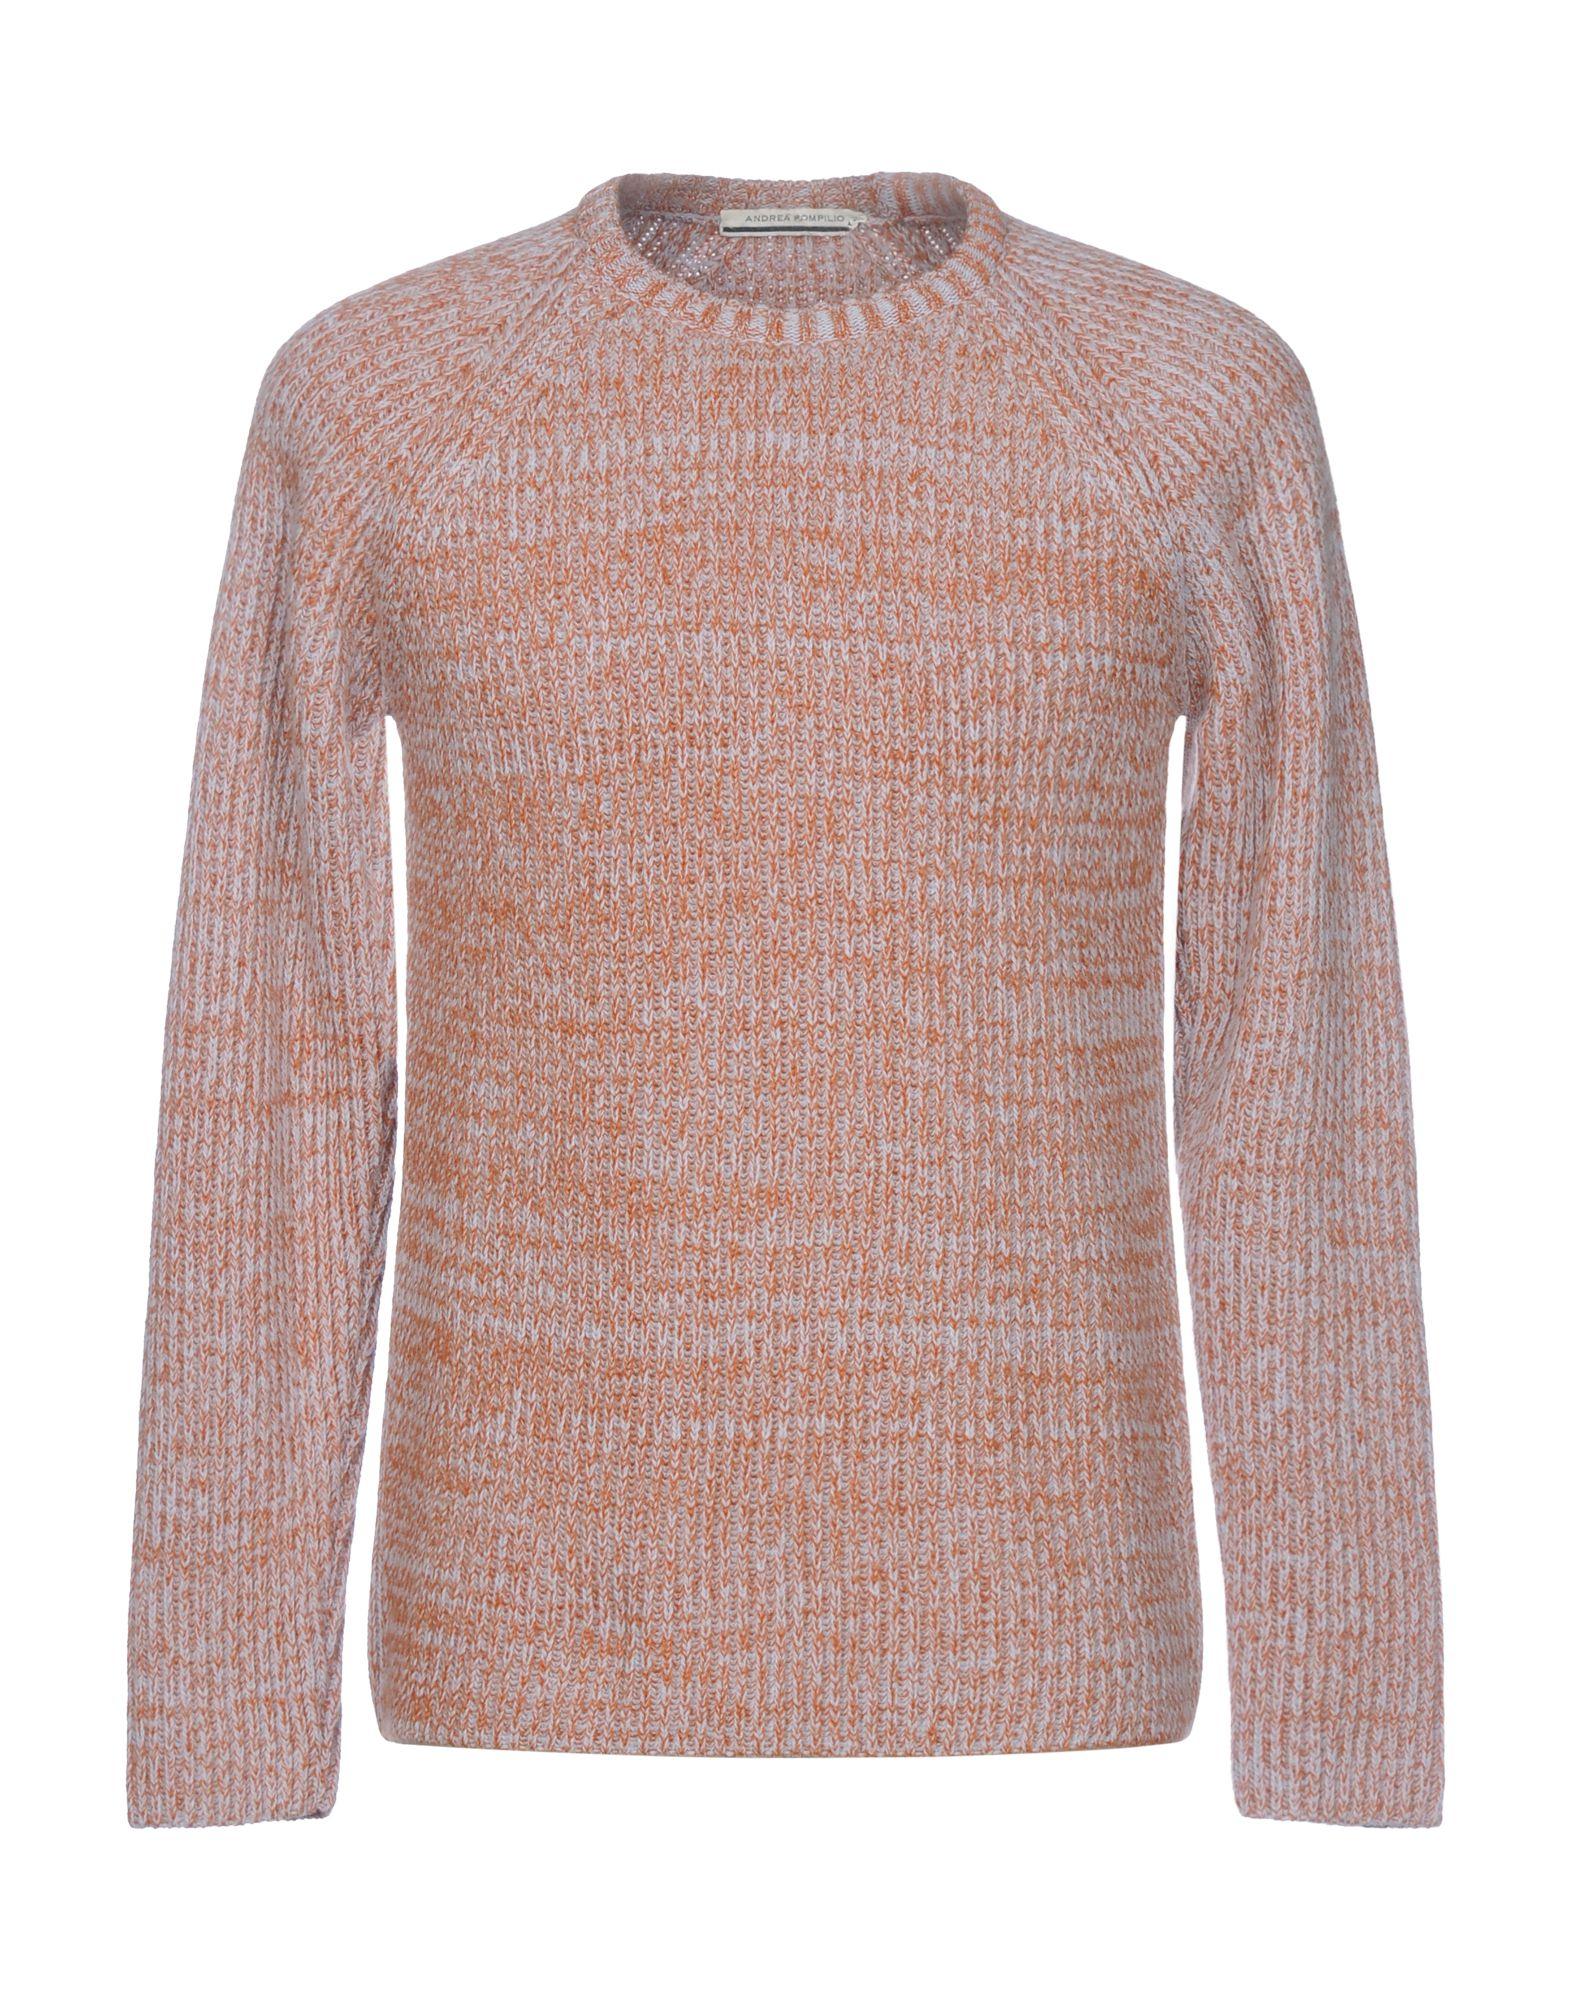 ANDREA POMPILIO Sweater in Orange